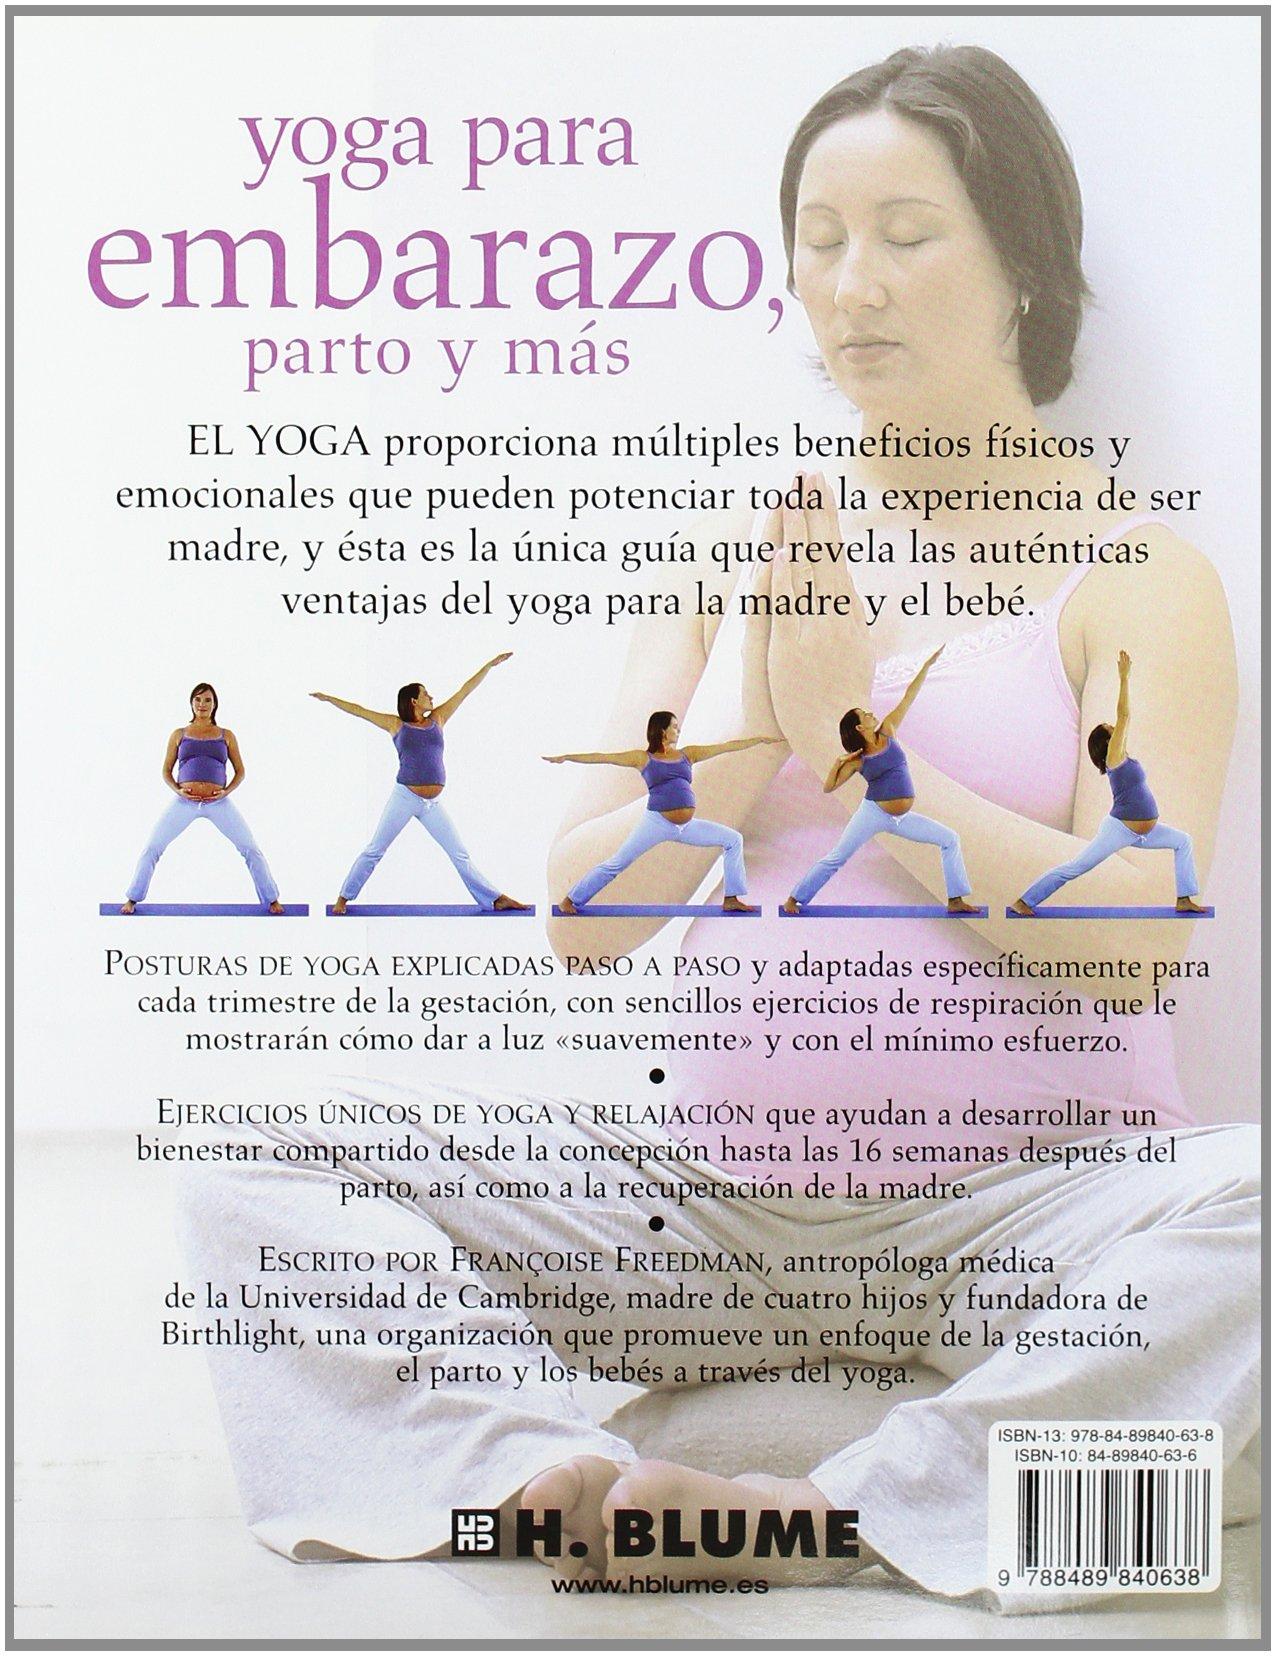 Yoga para embarazo, parto y más: 10 Mens sana in corpore ...